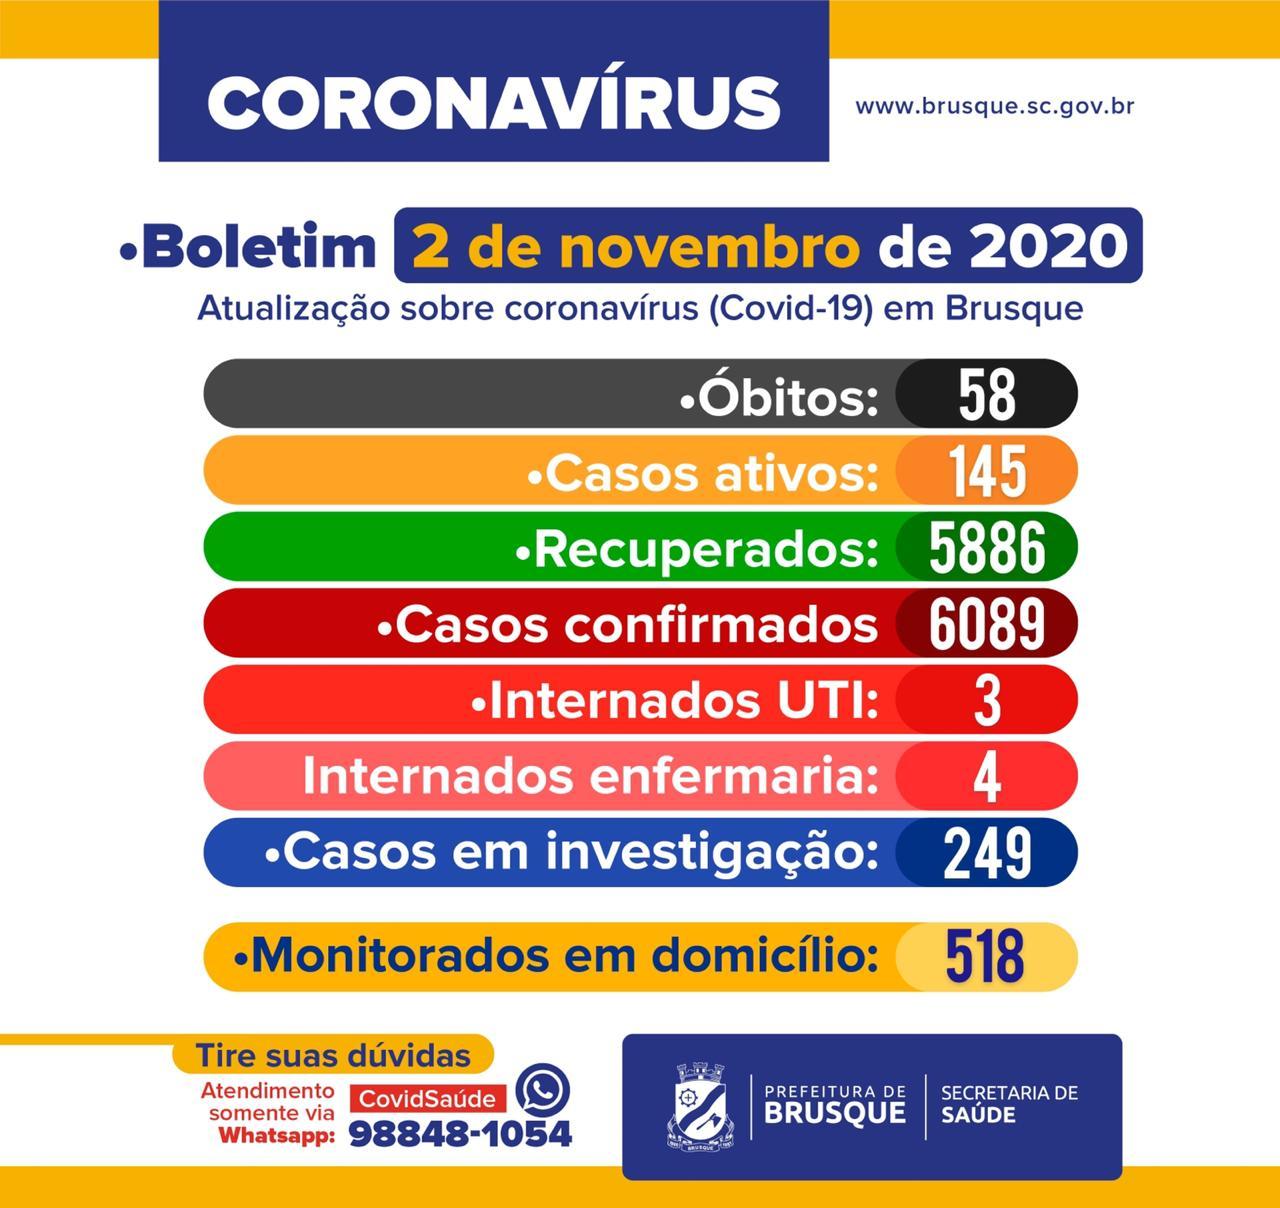 COVID-19: Confira o boletim epidemiológico desta segunda-feira, 2 de novembro